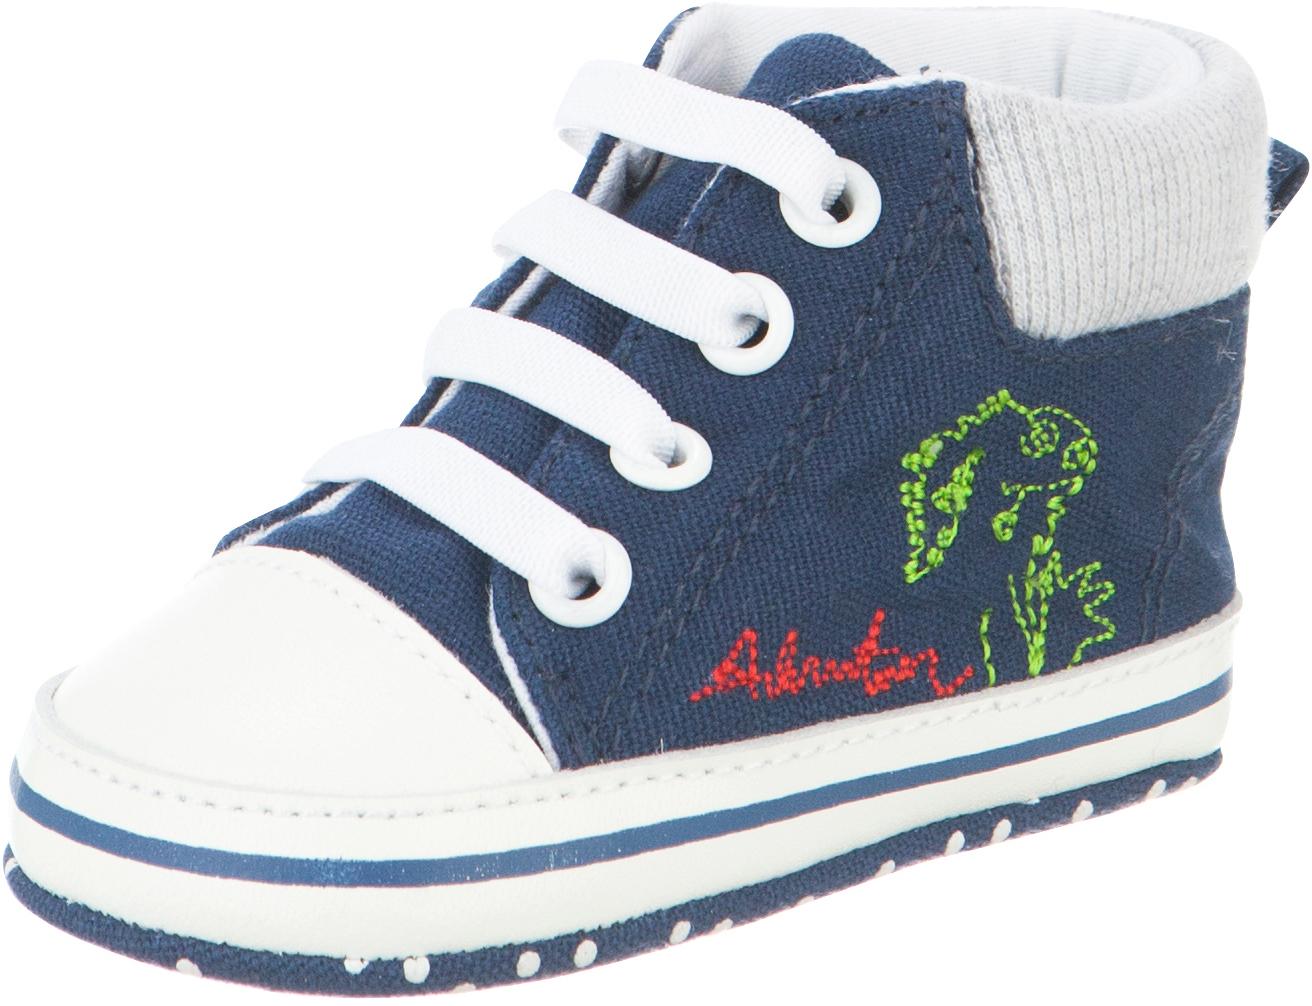 Пинетки детские Kapika, цвет: синий. 10129. Размер 1810129Стильные и модные пинетки от Kapika великолепно дополнят наряд вашего малыша. В них он будет чувствовать себя комфортно и непринужденно. Пинетки в виде кед выполнены из хлопкового текстиля.Милые, нежные и удобные детские пинетки станут любимой обувью маленького непоседы.